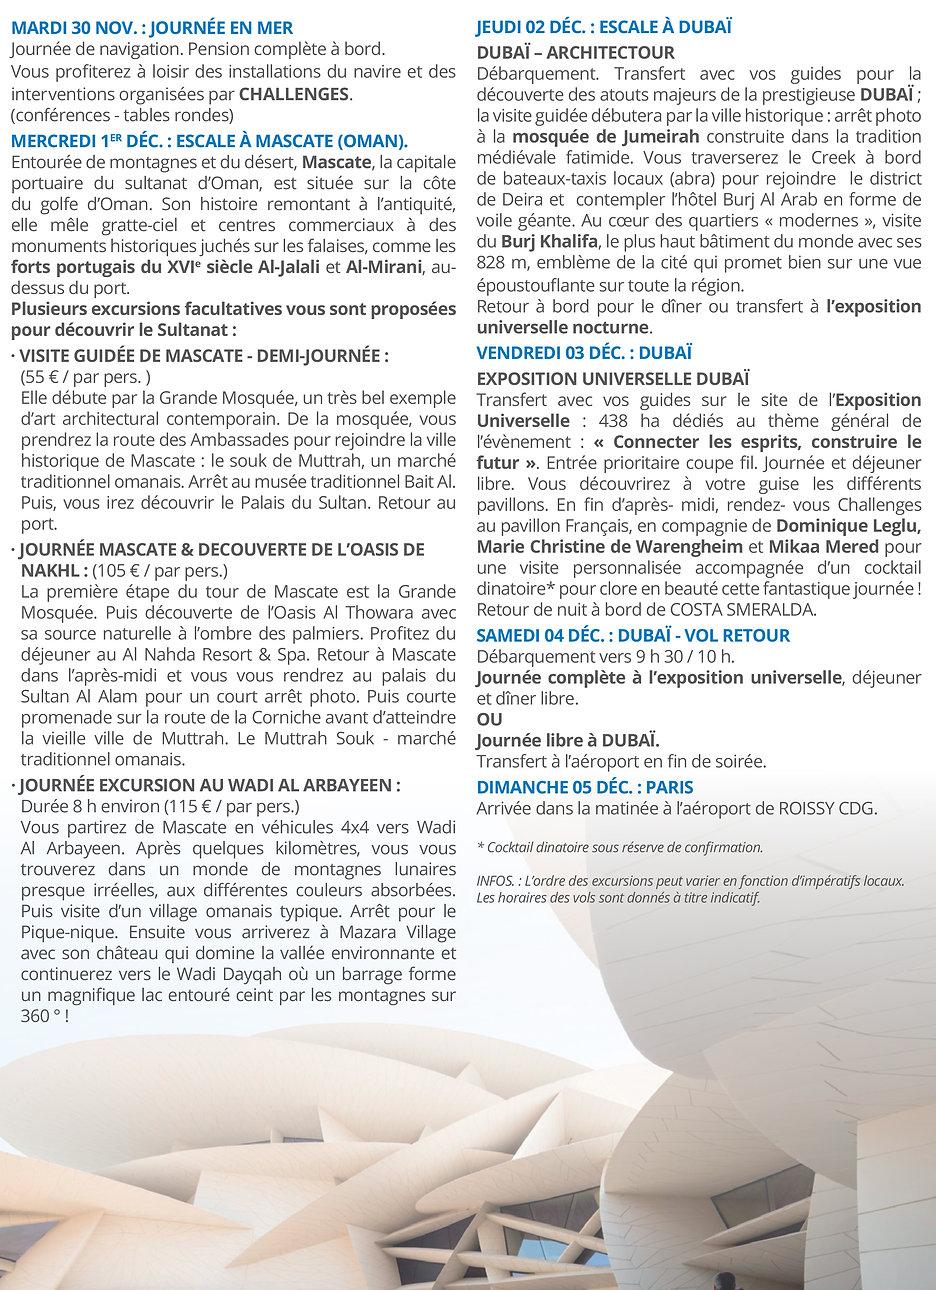 page-2-Croisiere-Dubai-2021.jpg